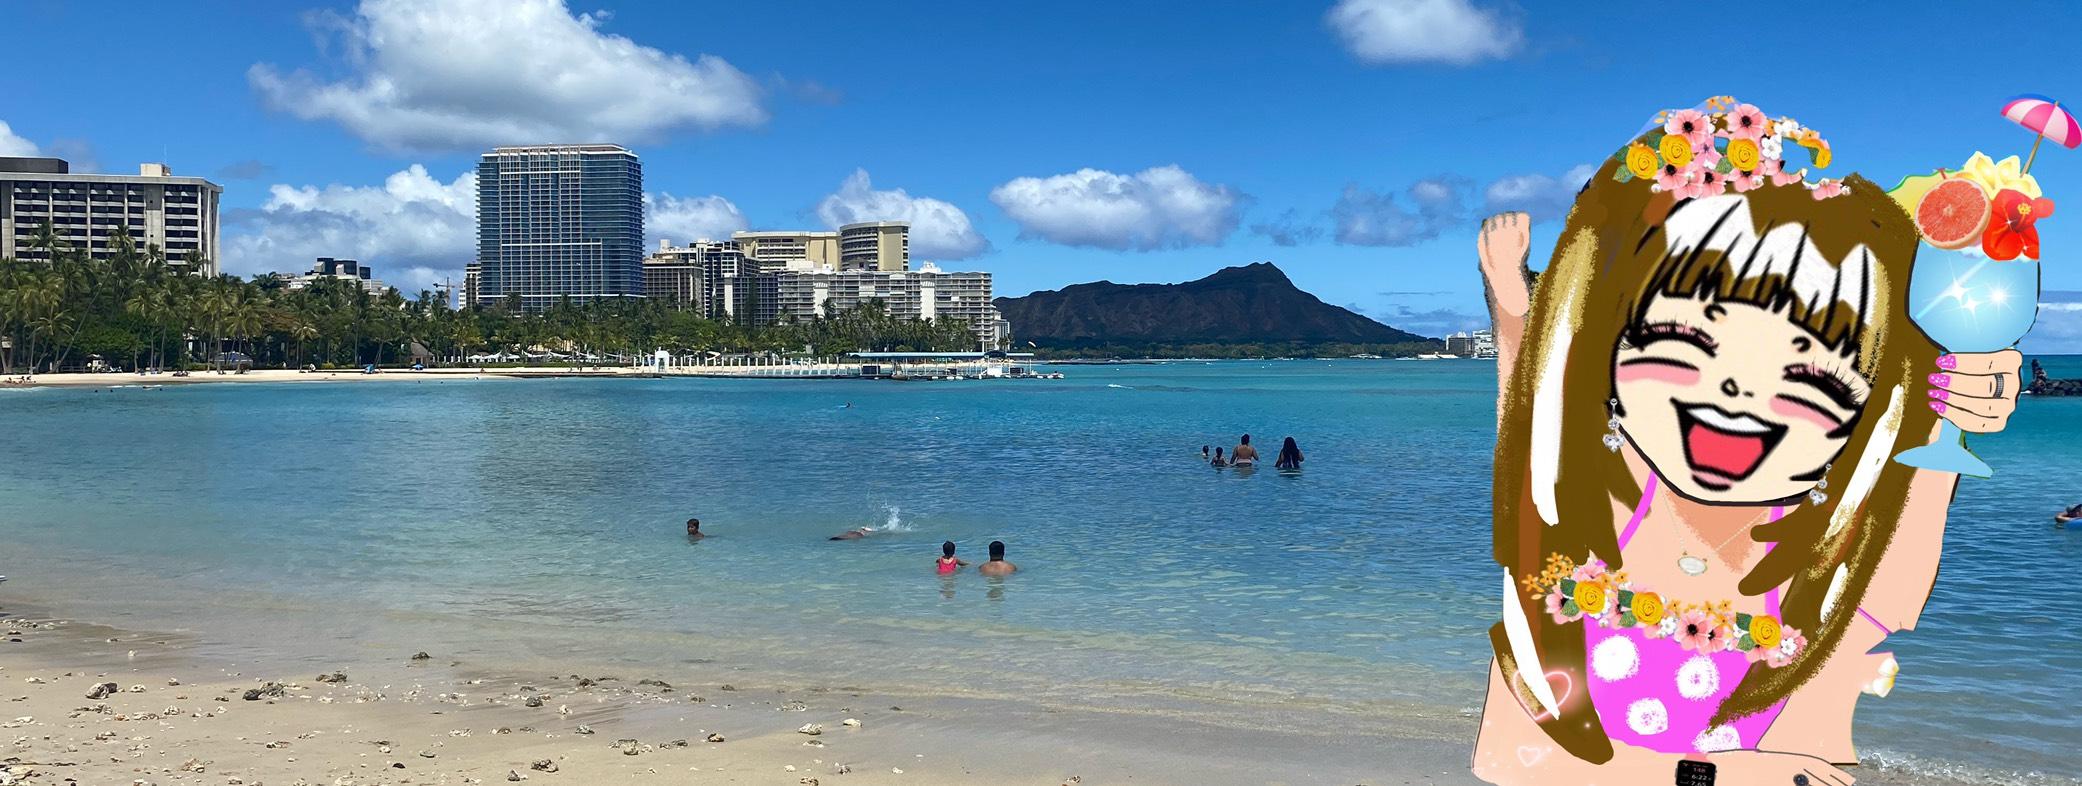 ハワイから愛をこめて 速報!8月1日から渡航可能のはずが延期になりました